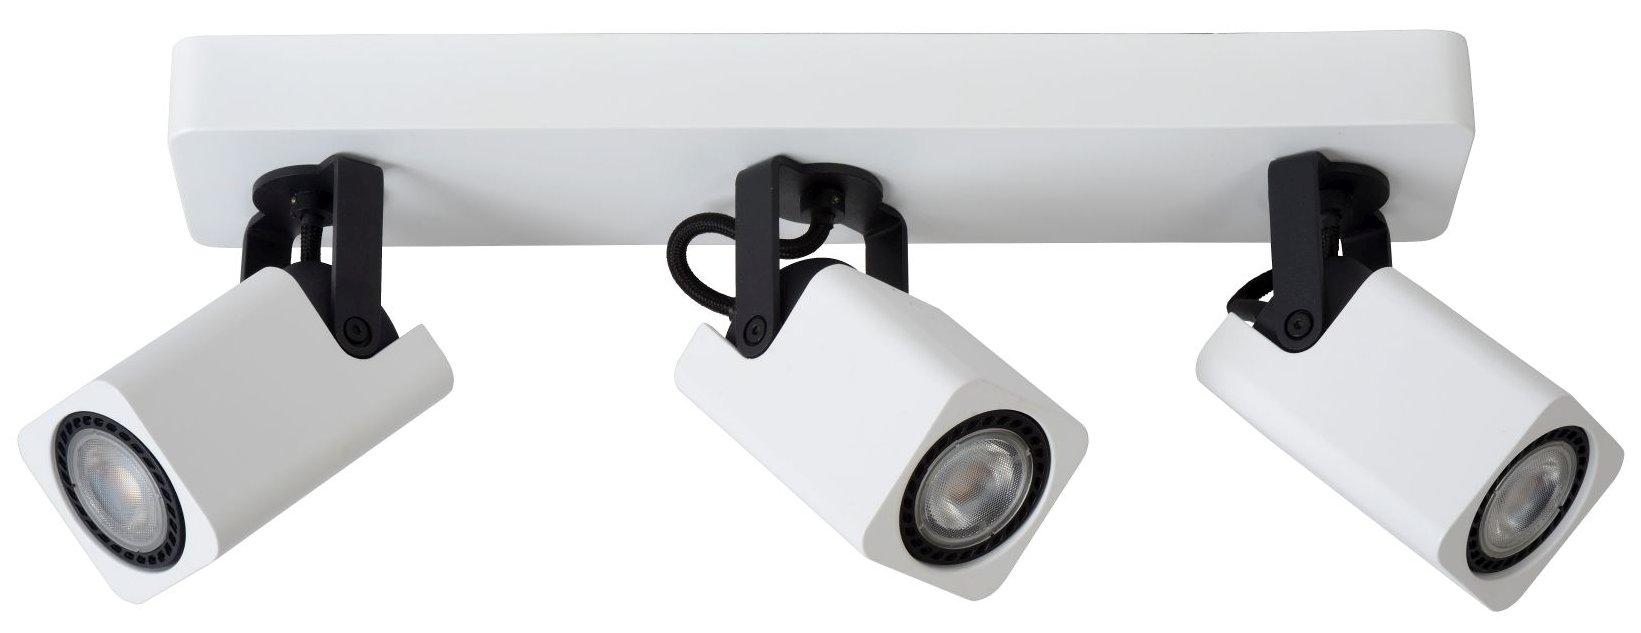 Lucide Plafondspot Roax - 3 Lichts - Dimbare LED GU10 - Mat Wit